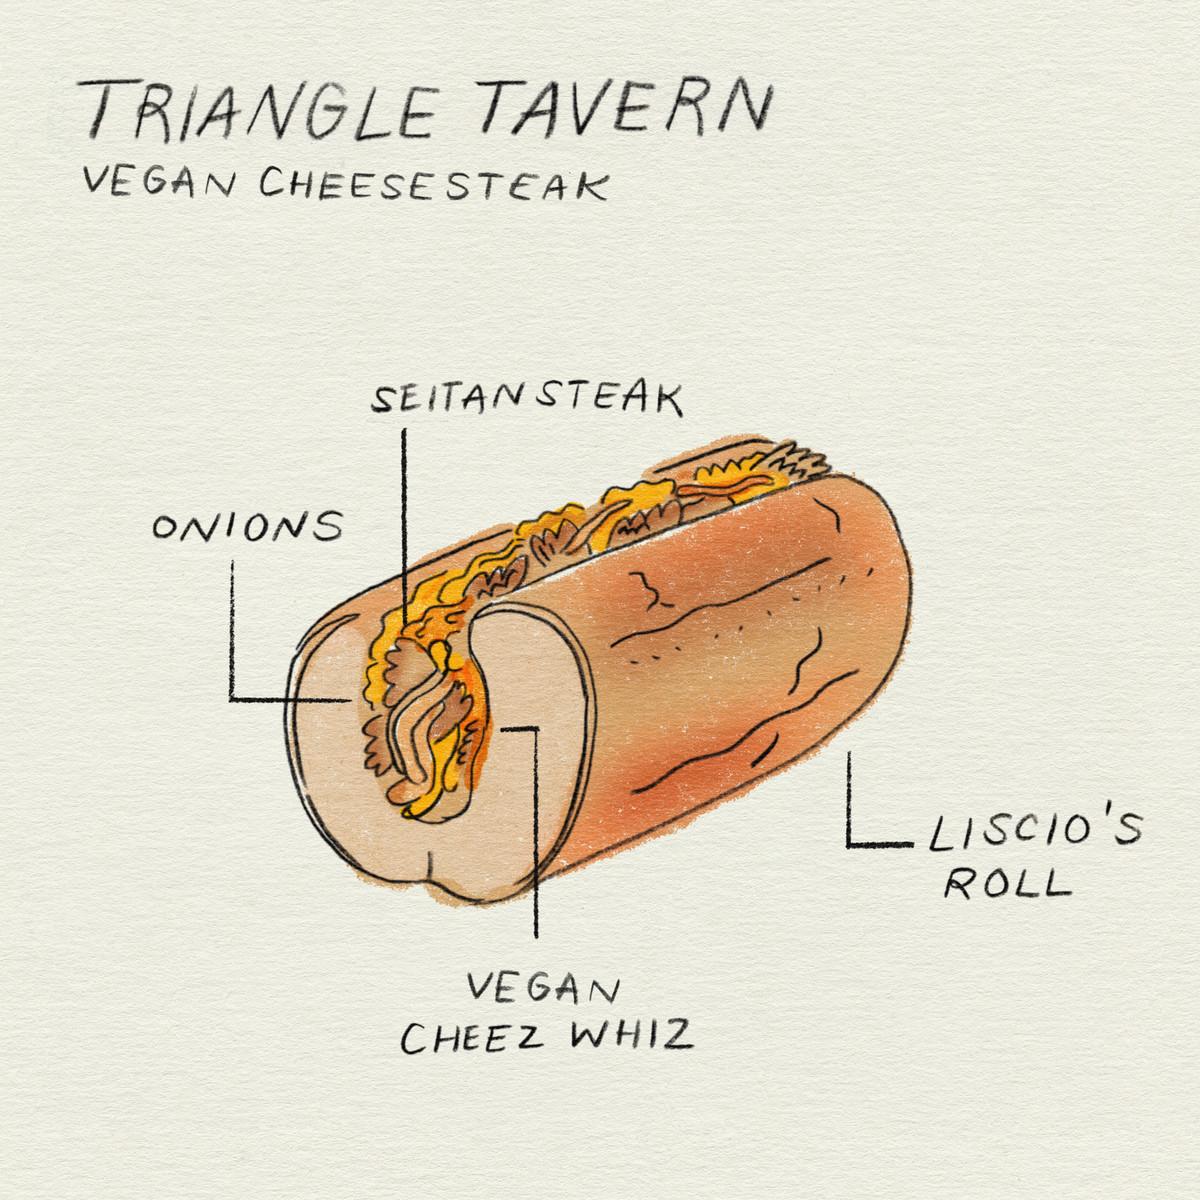 một hình minh họa về món bít tết chay với hành tây bít tết seitan và cheez whiz